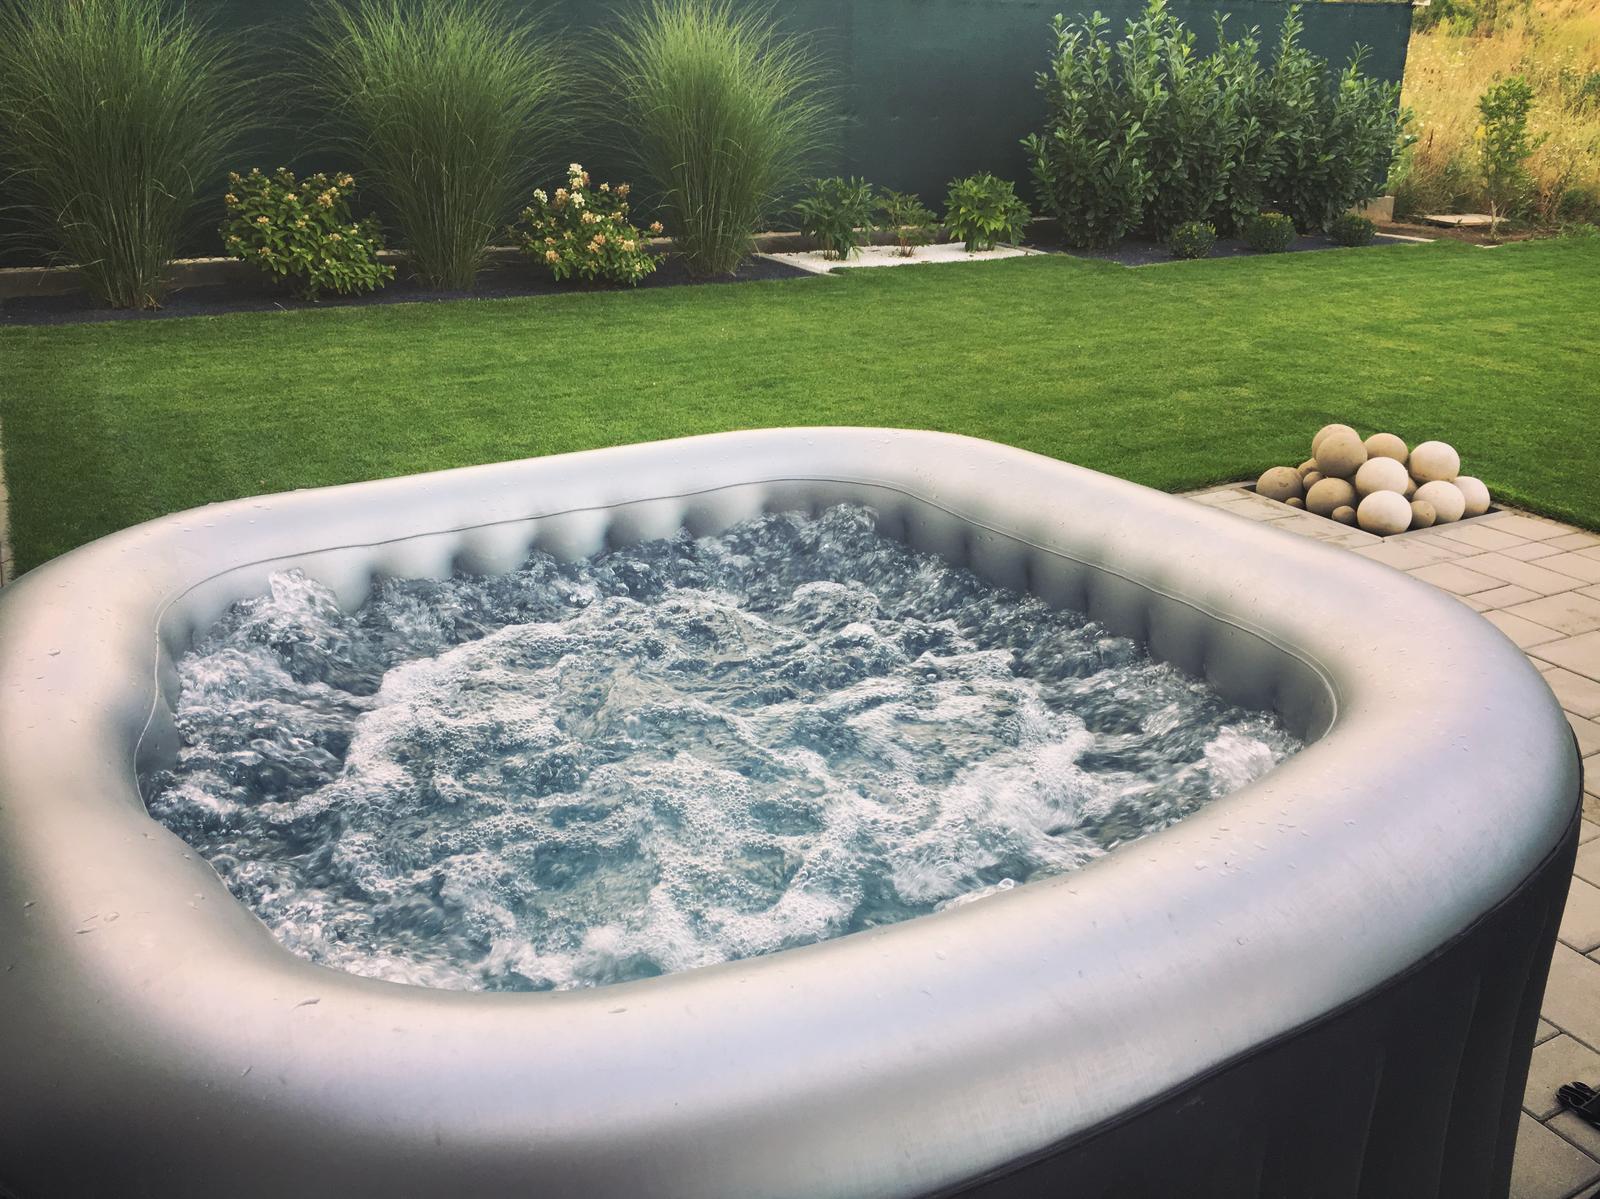 Exteriér domu snů - víc vody neuškodí ♥ :-D